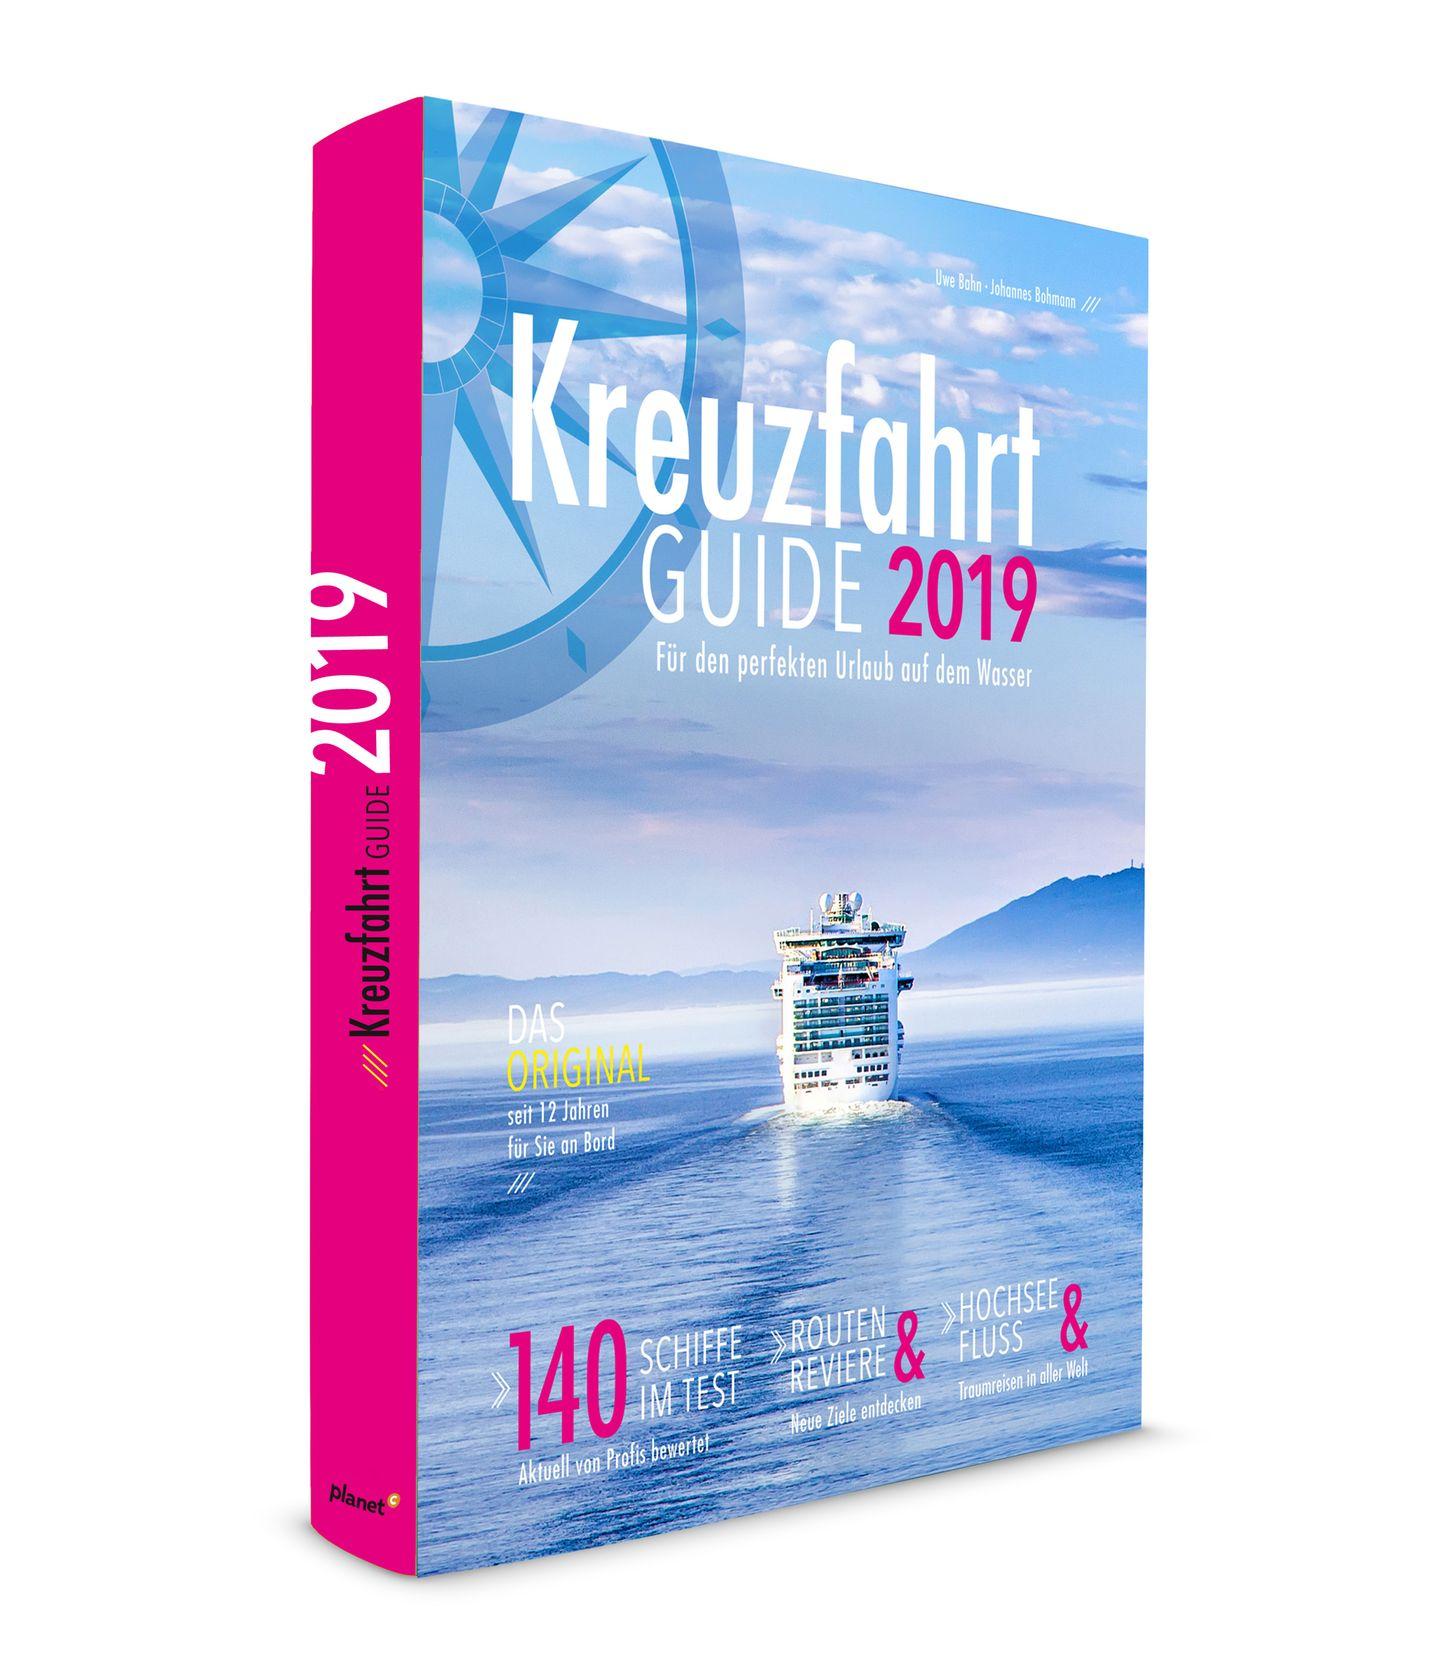 """Der """"Kreuzfahrt Guide 2019""""von Uwe Bahn und Johannes Bohmann stellt 140Hochsee- und Flusskreuzfahrtschiffevor, mit Reportagen, Interviews und Reisetipps.Erschienen beiplanetc GmbH,Preis: 16,80 Euro.."""